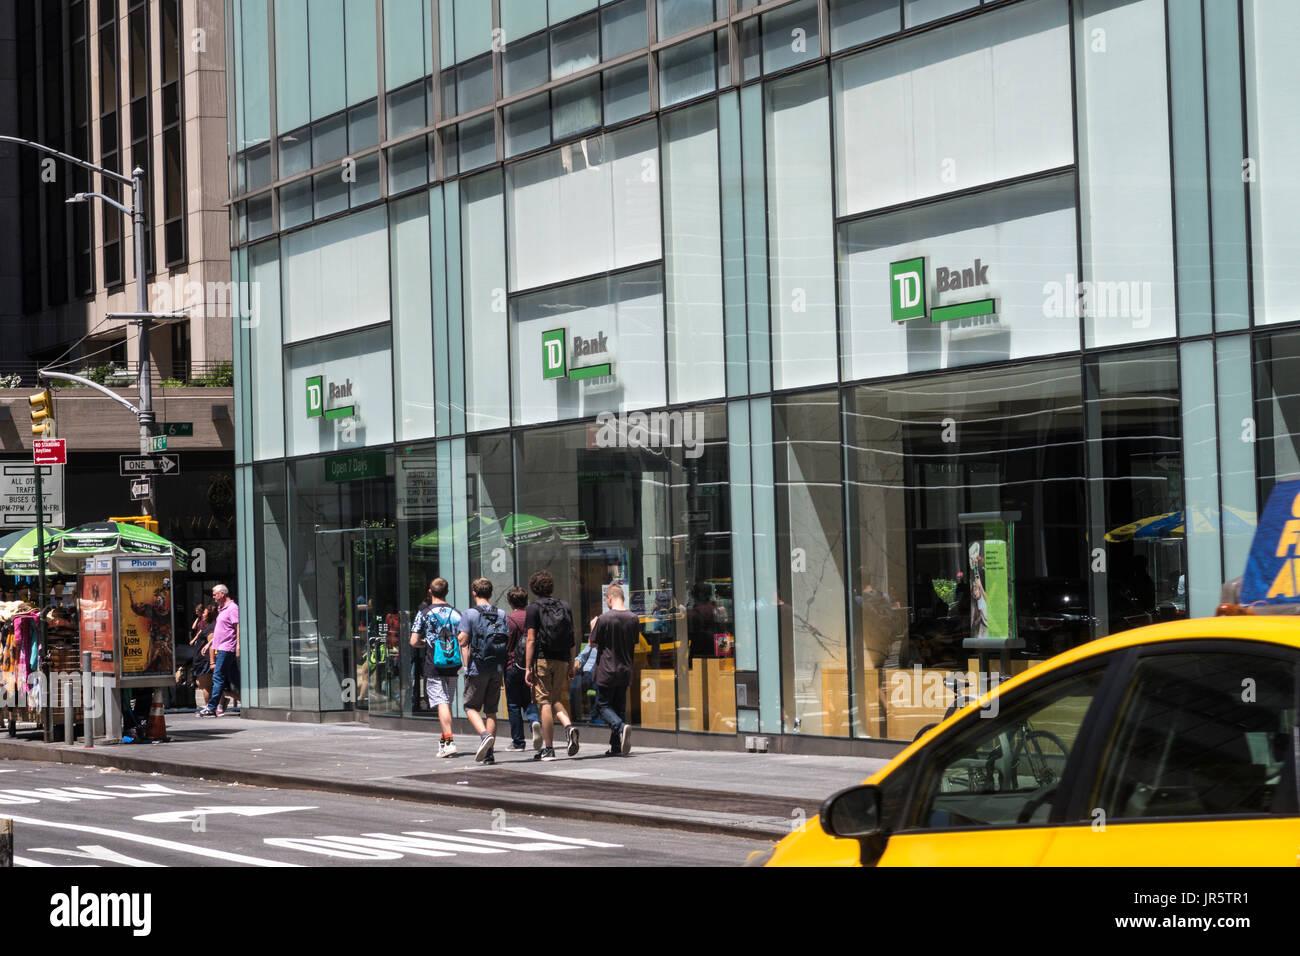 TD Bank, NYC, USA - Stock Image